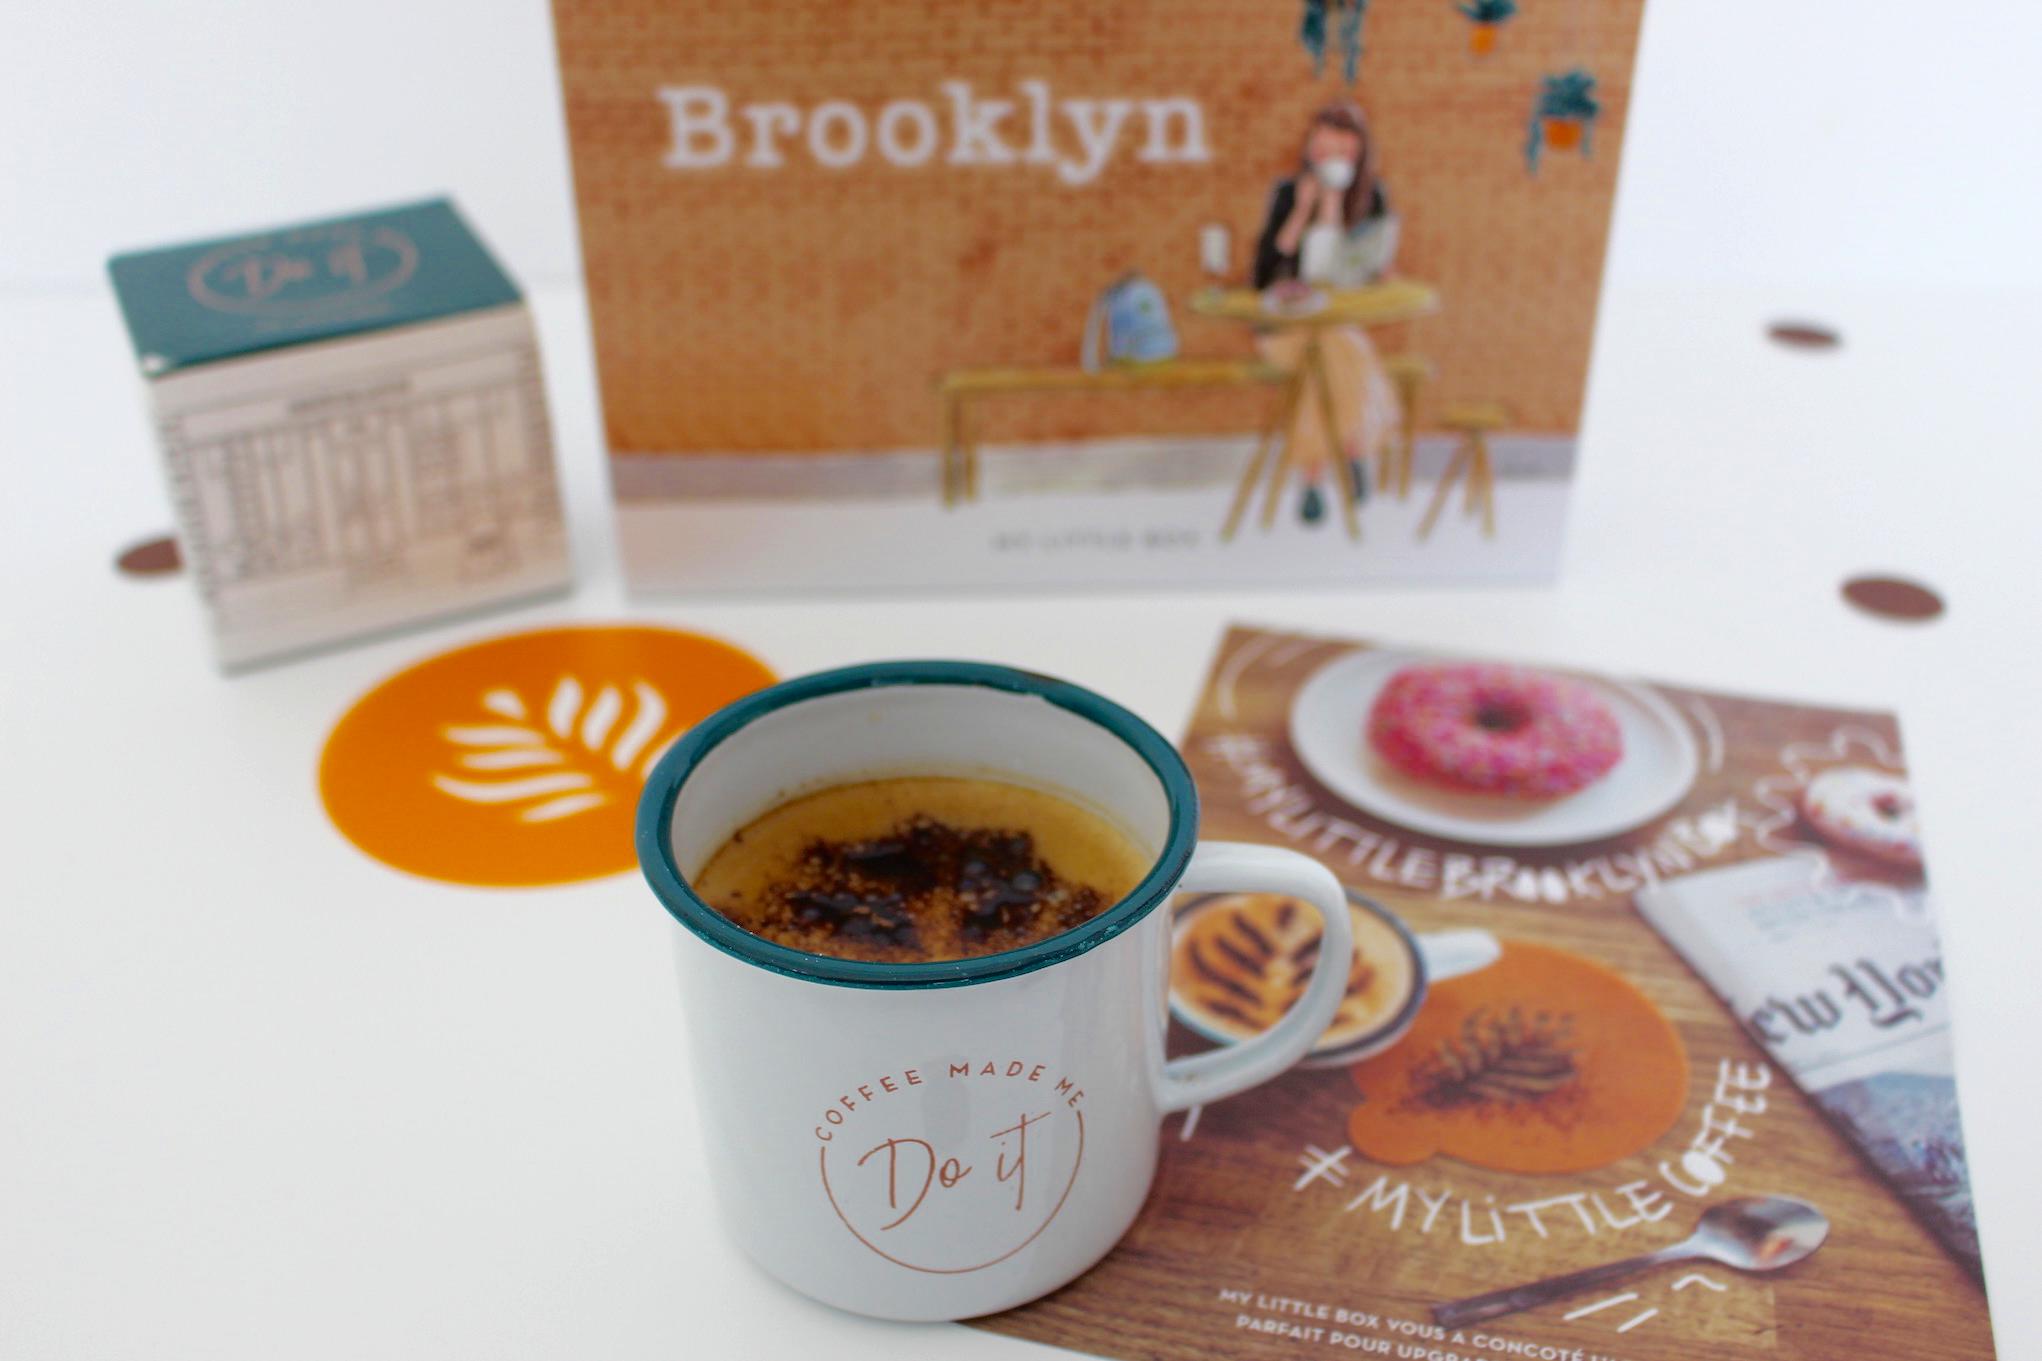 Little Brooklyn Box Mademoiselle E -café 4